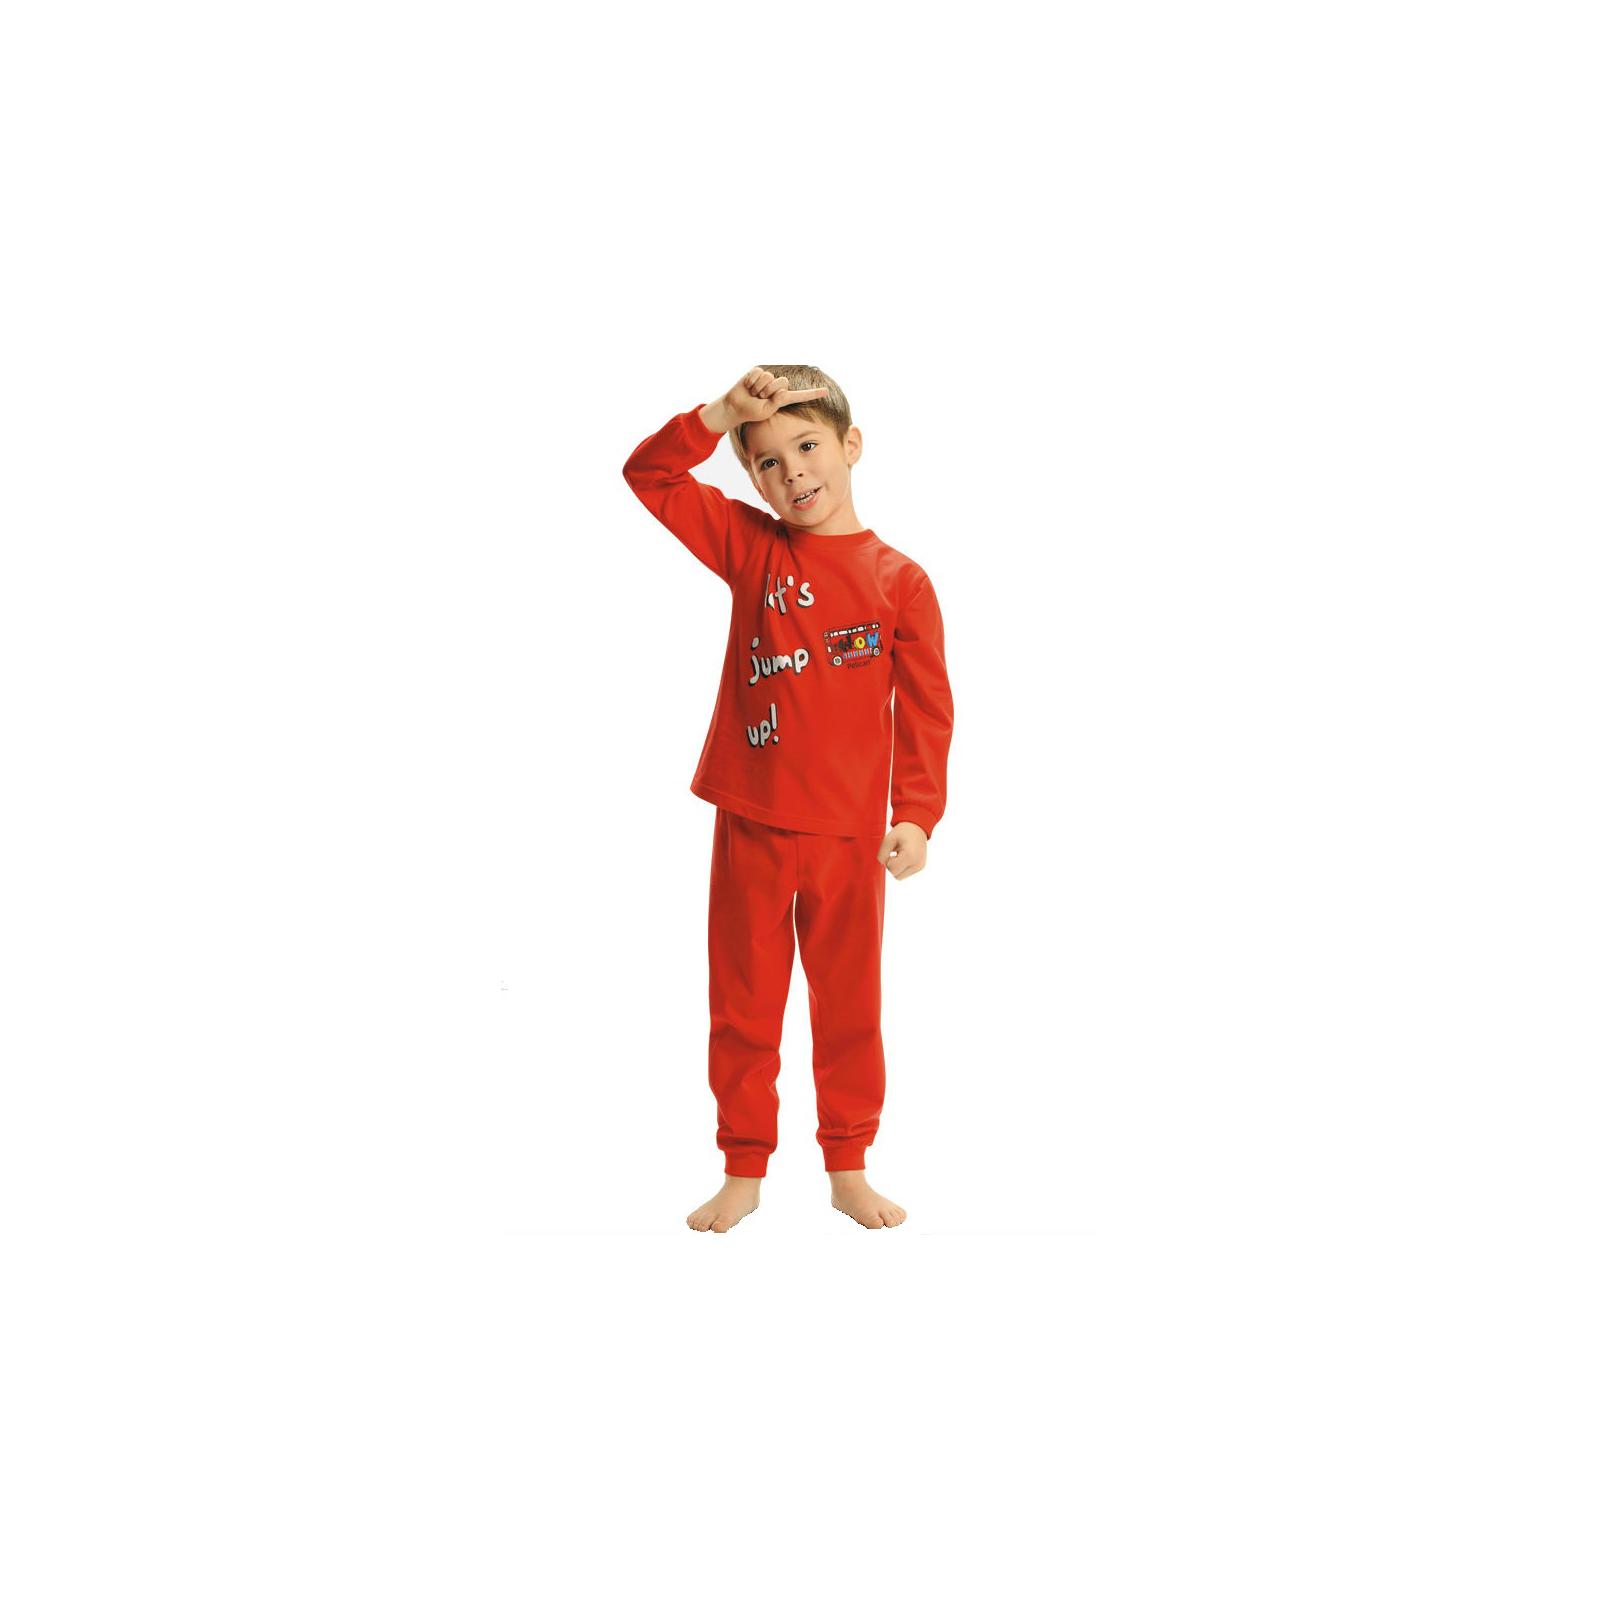 Пижама Pelican цвет Красный BNJP294 возраст 24-36 мес.